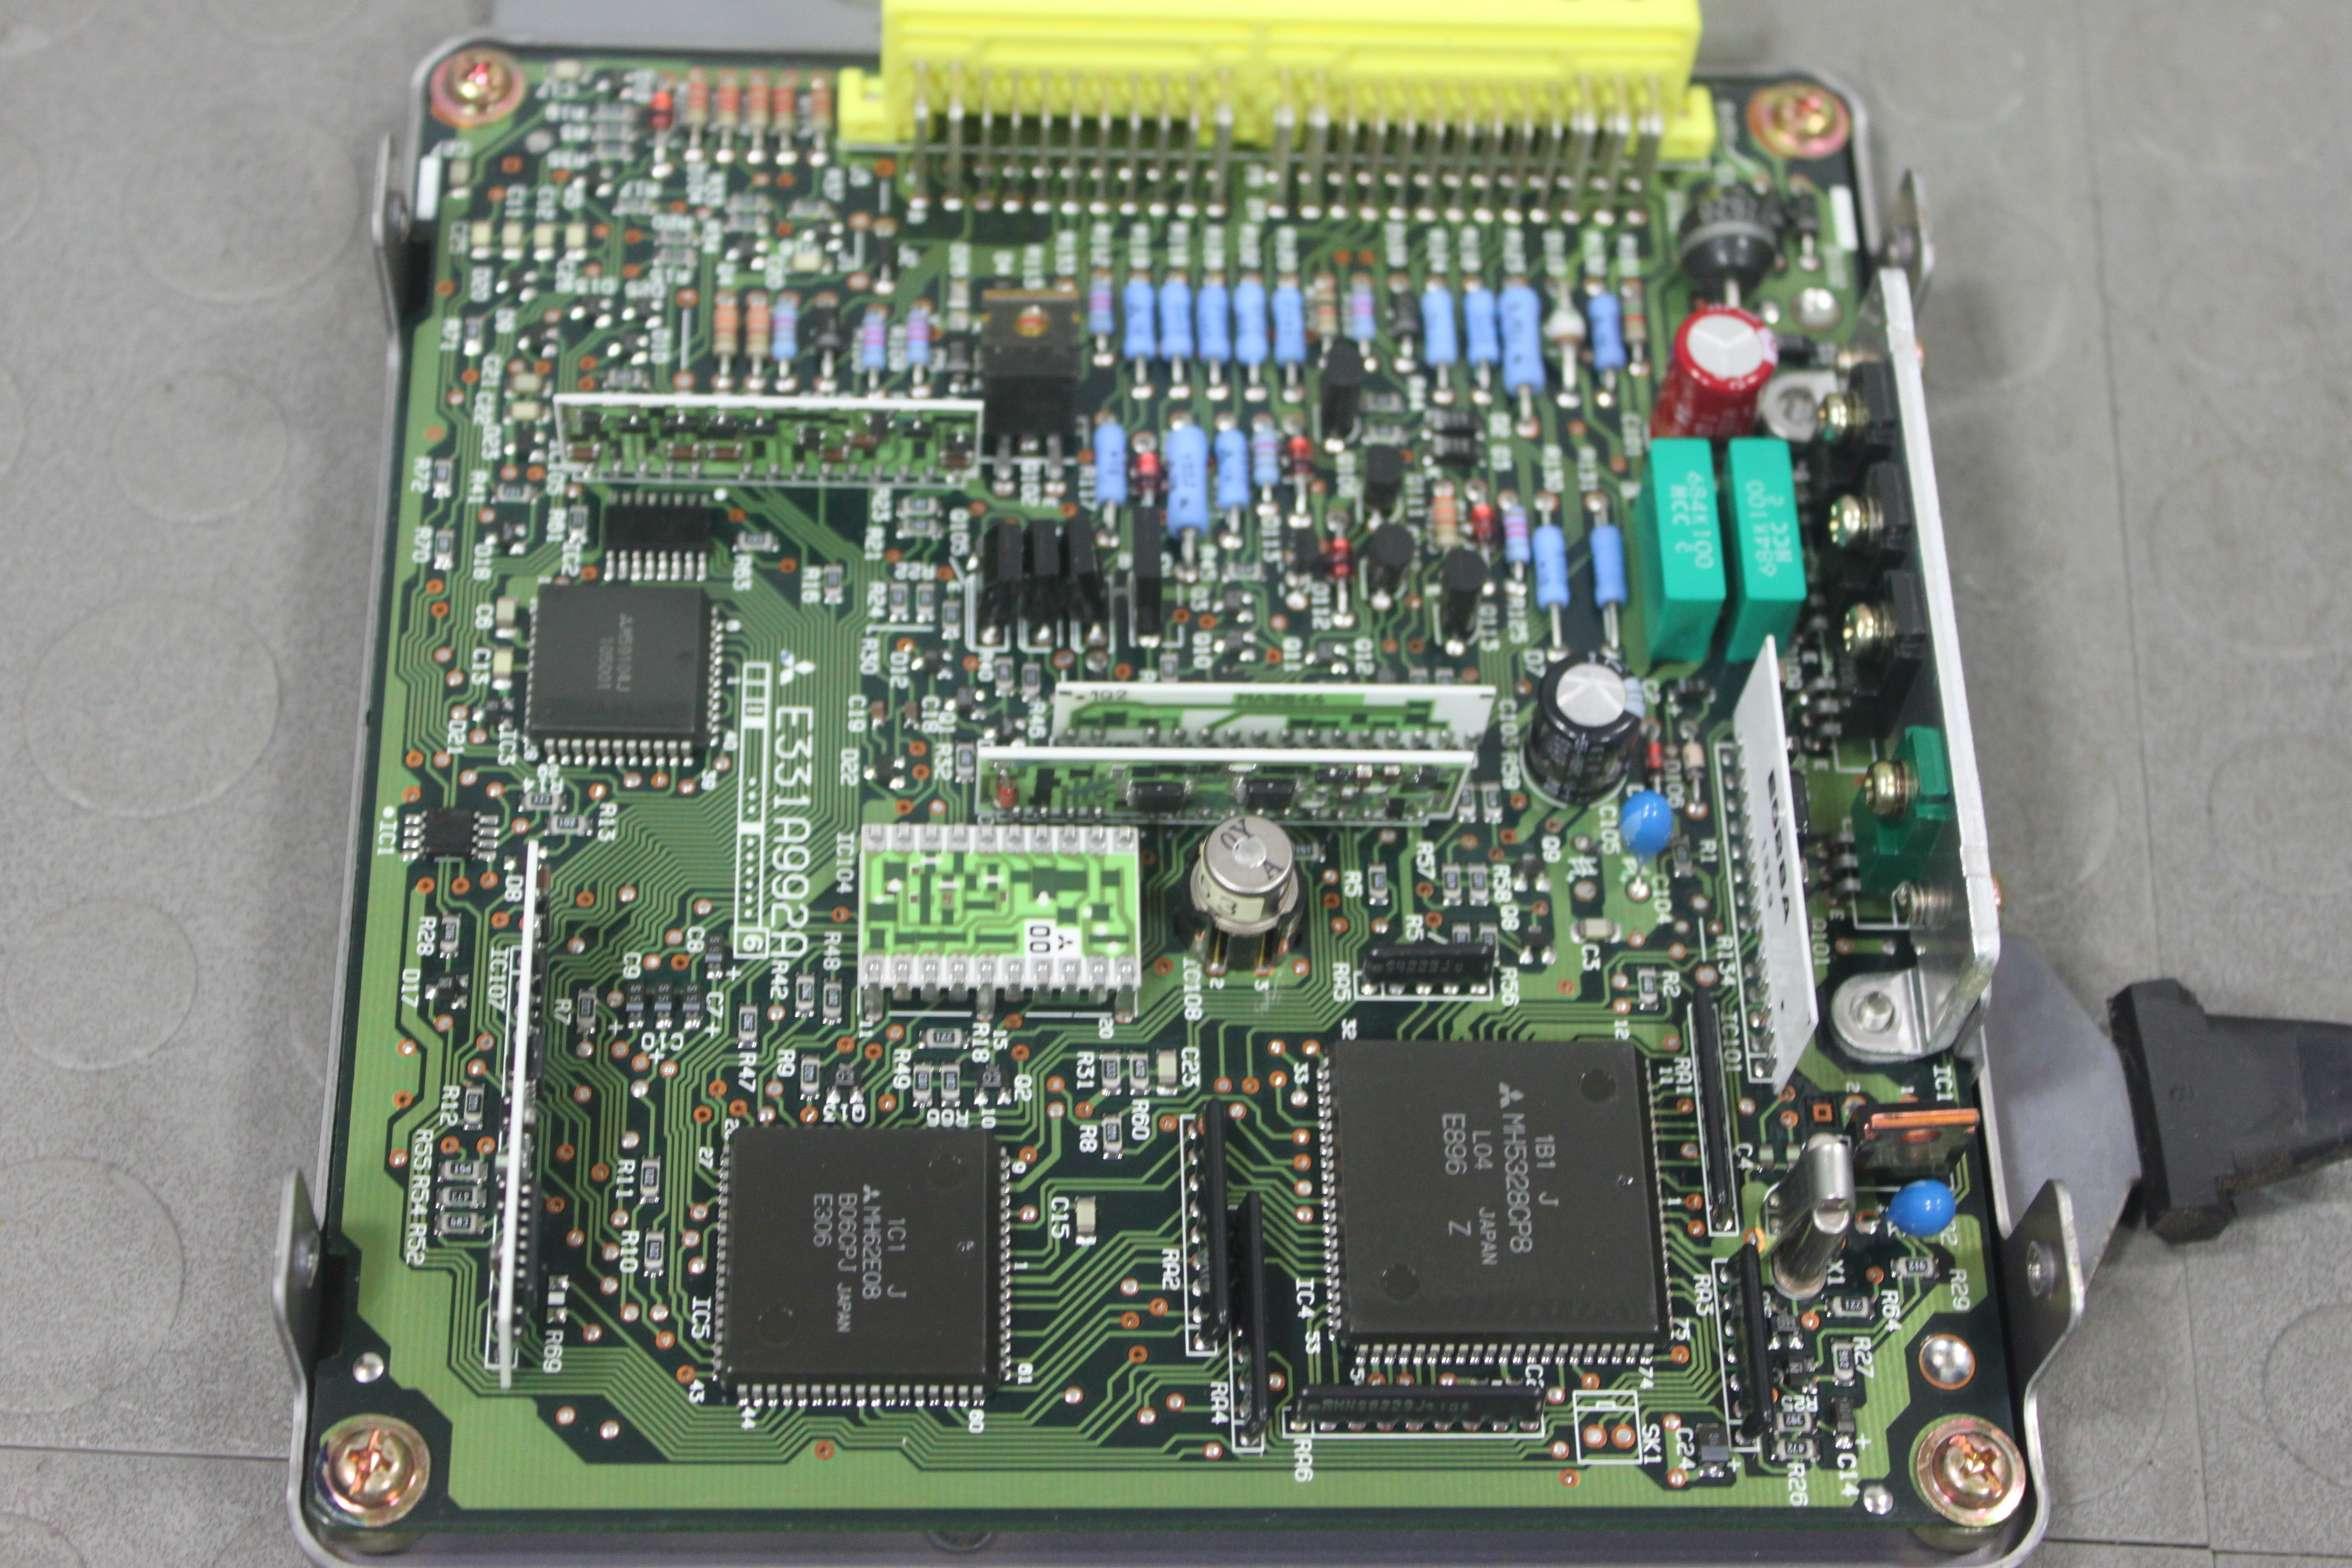 91 92 93 Mazda B2600i Truck Engine Computer Control Module Ecu G618 18